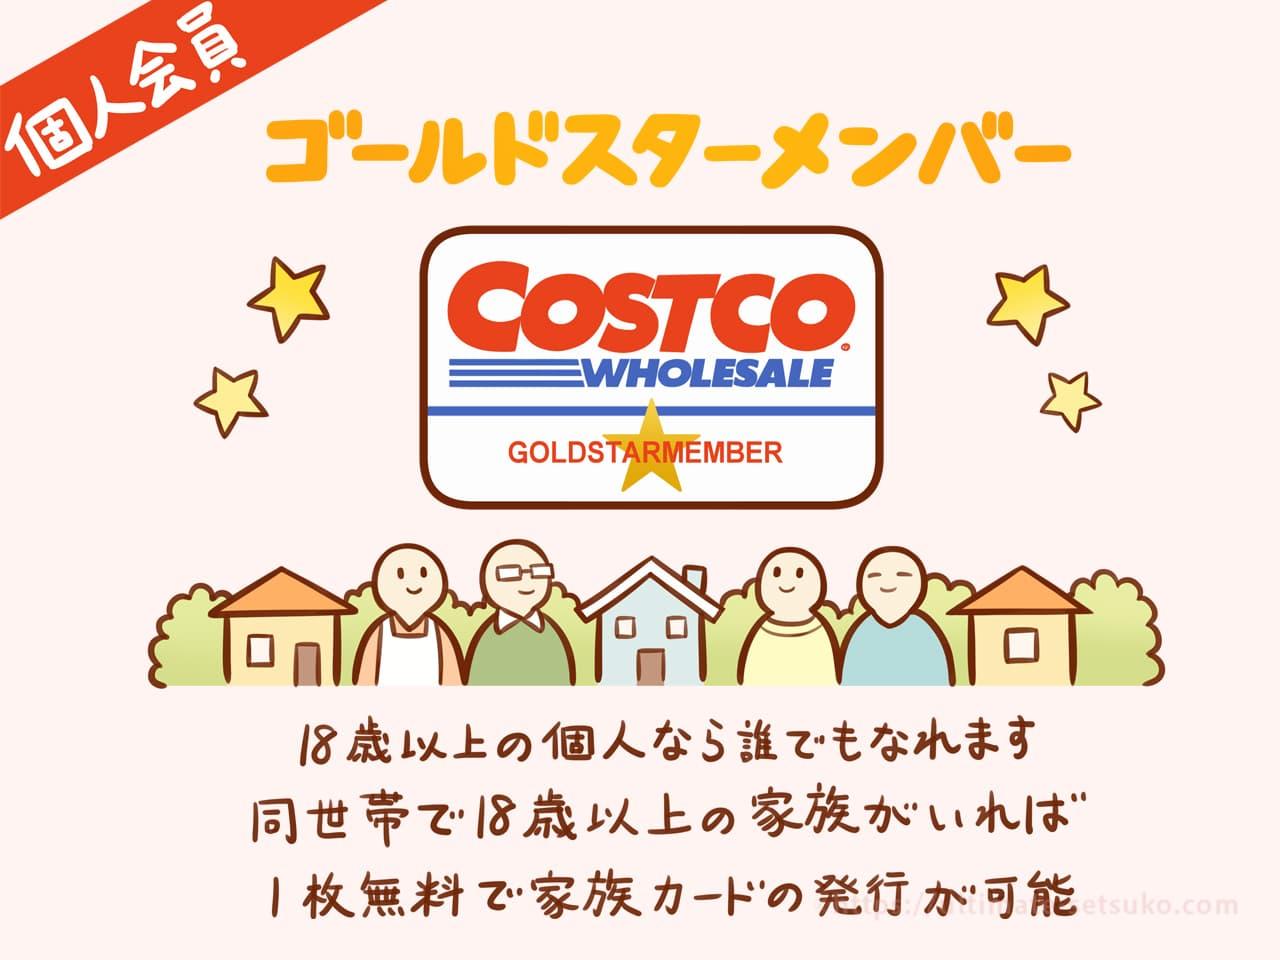 コストコの会員の種類「ゴールドスターメンバー」